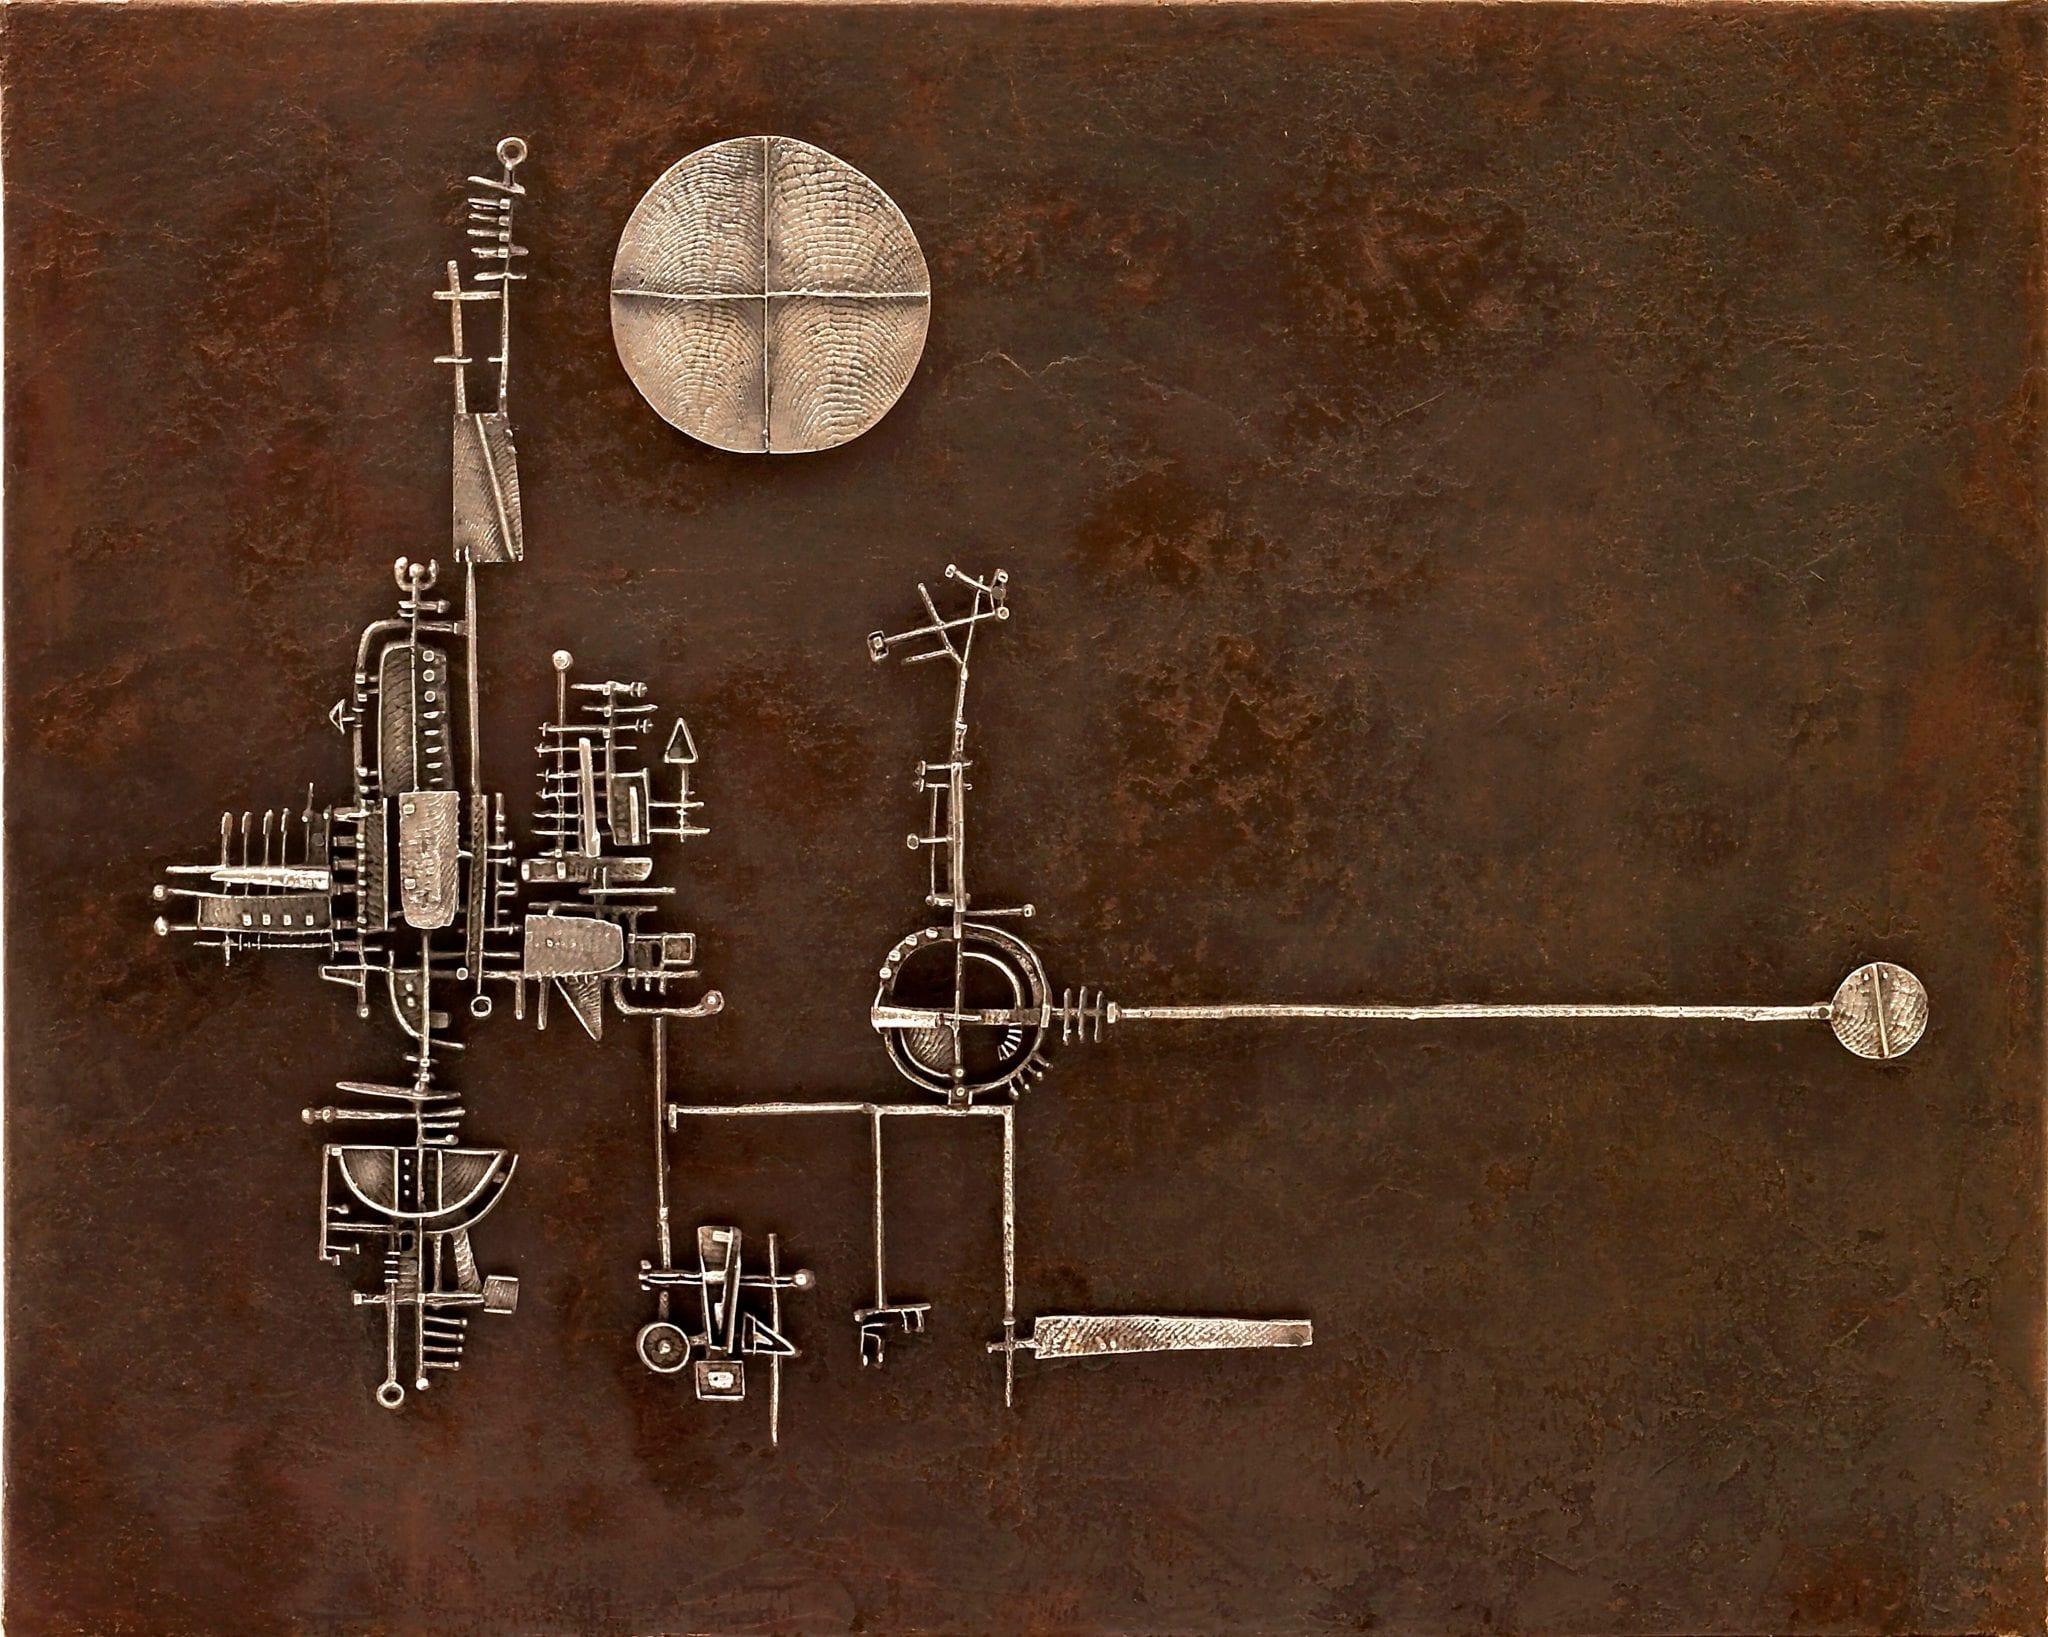 Ruota, cubo, sfera. Le origini creative di Arnaldo Pomodoro in mostra a Parigi